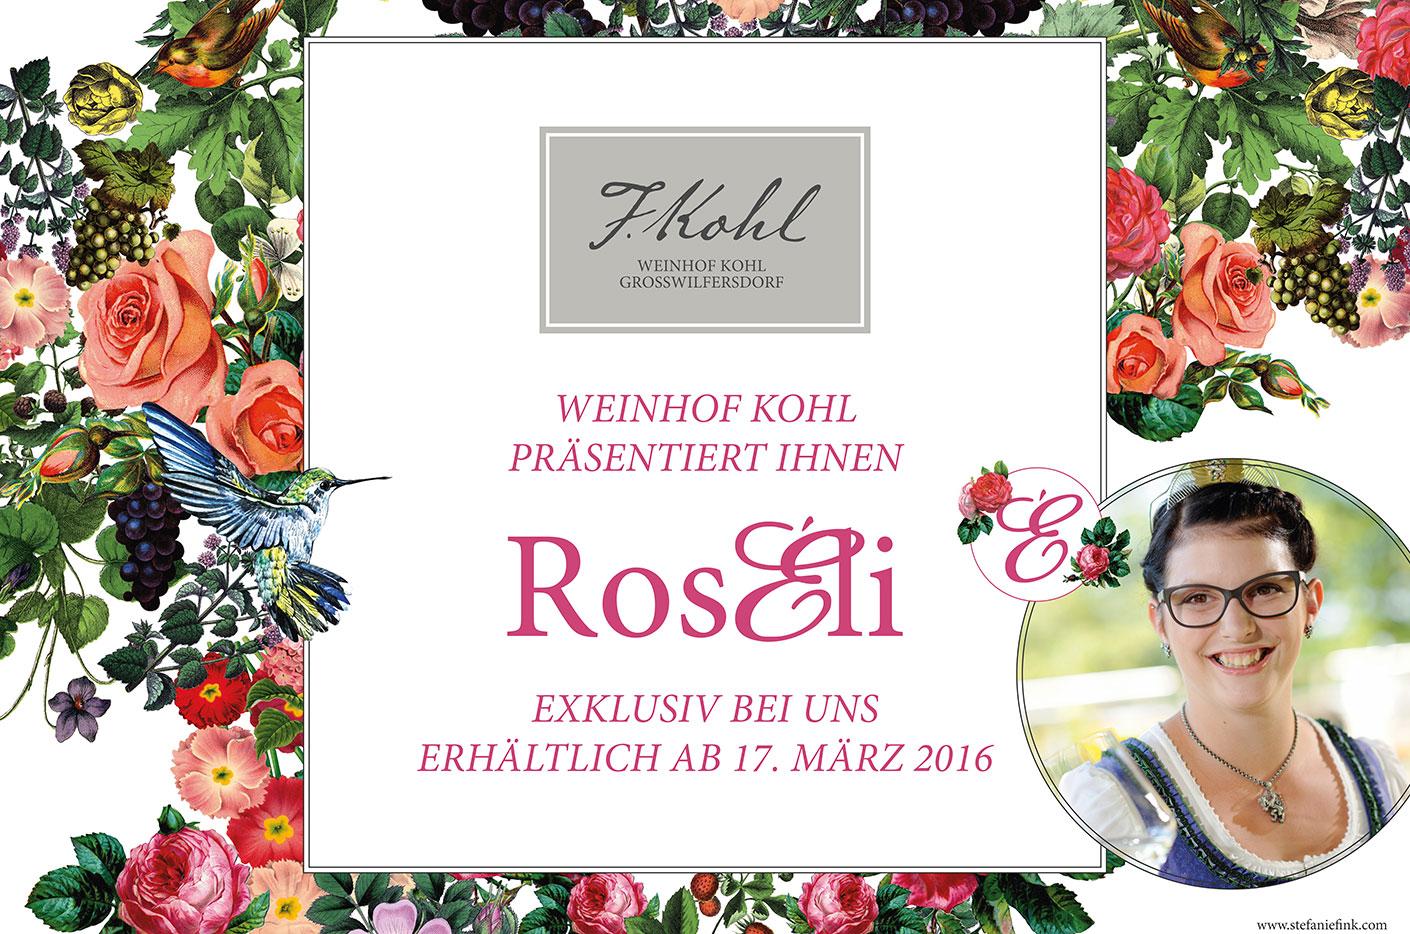 Roseli---Blumiger-Wein-Beitragsbild